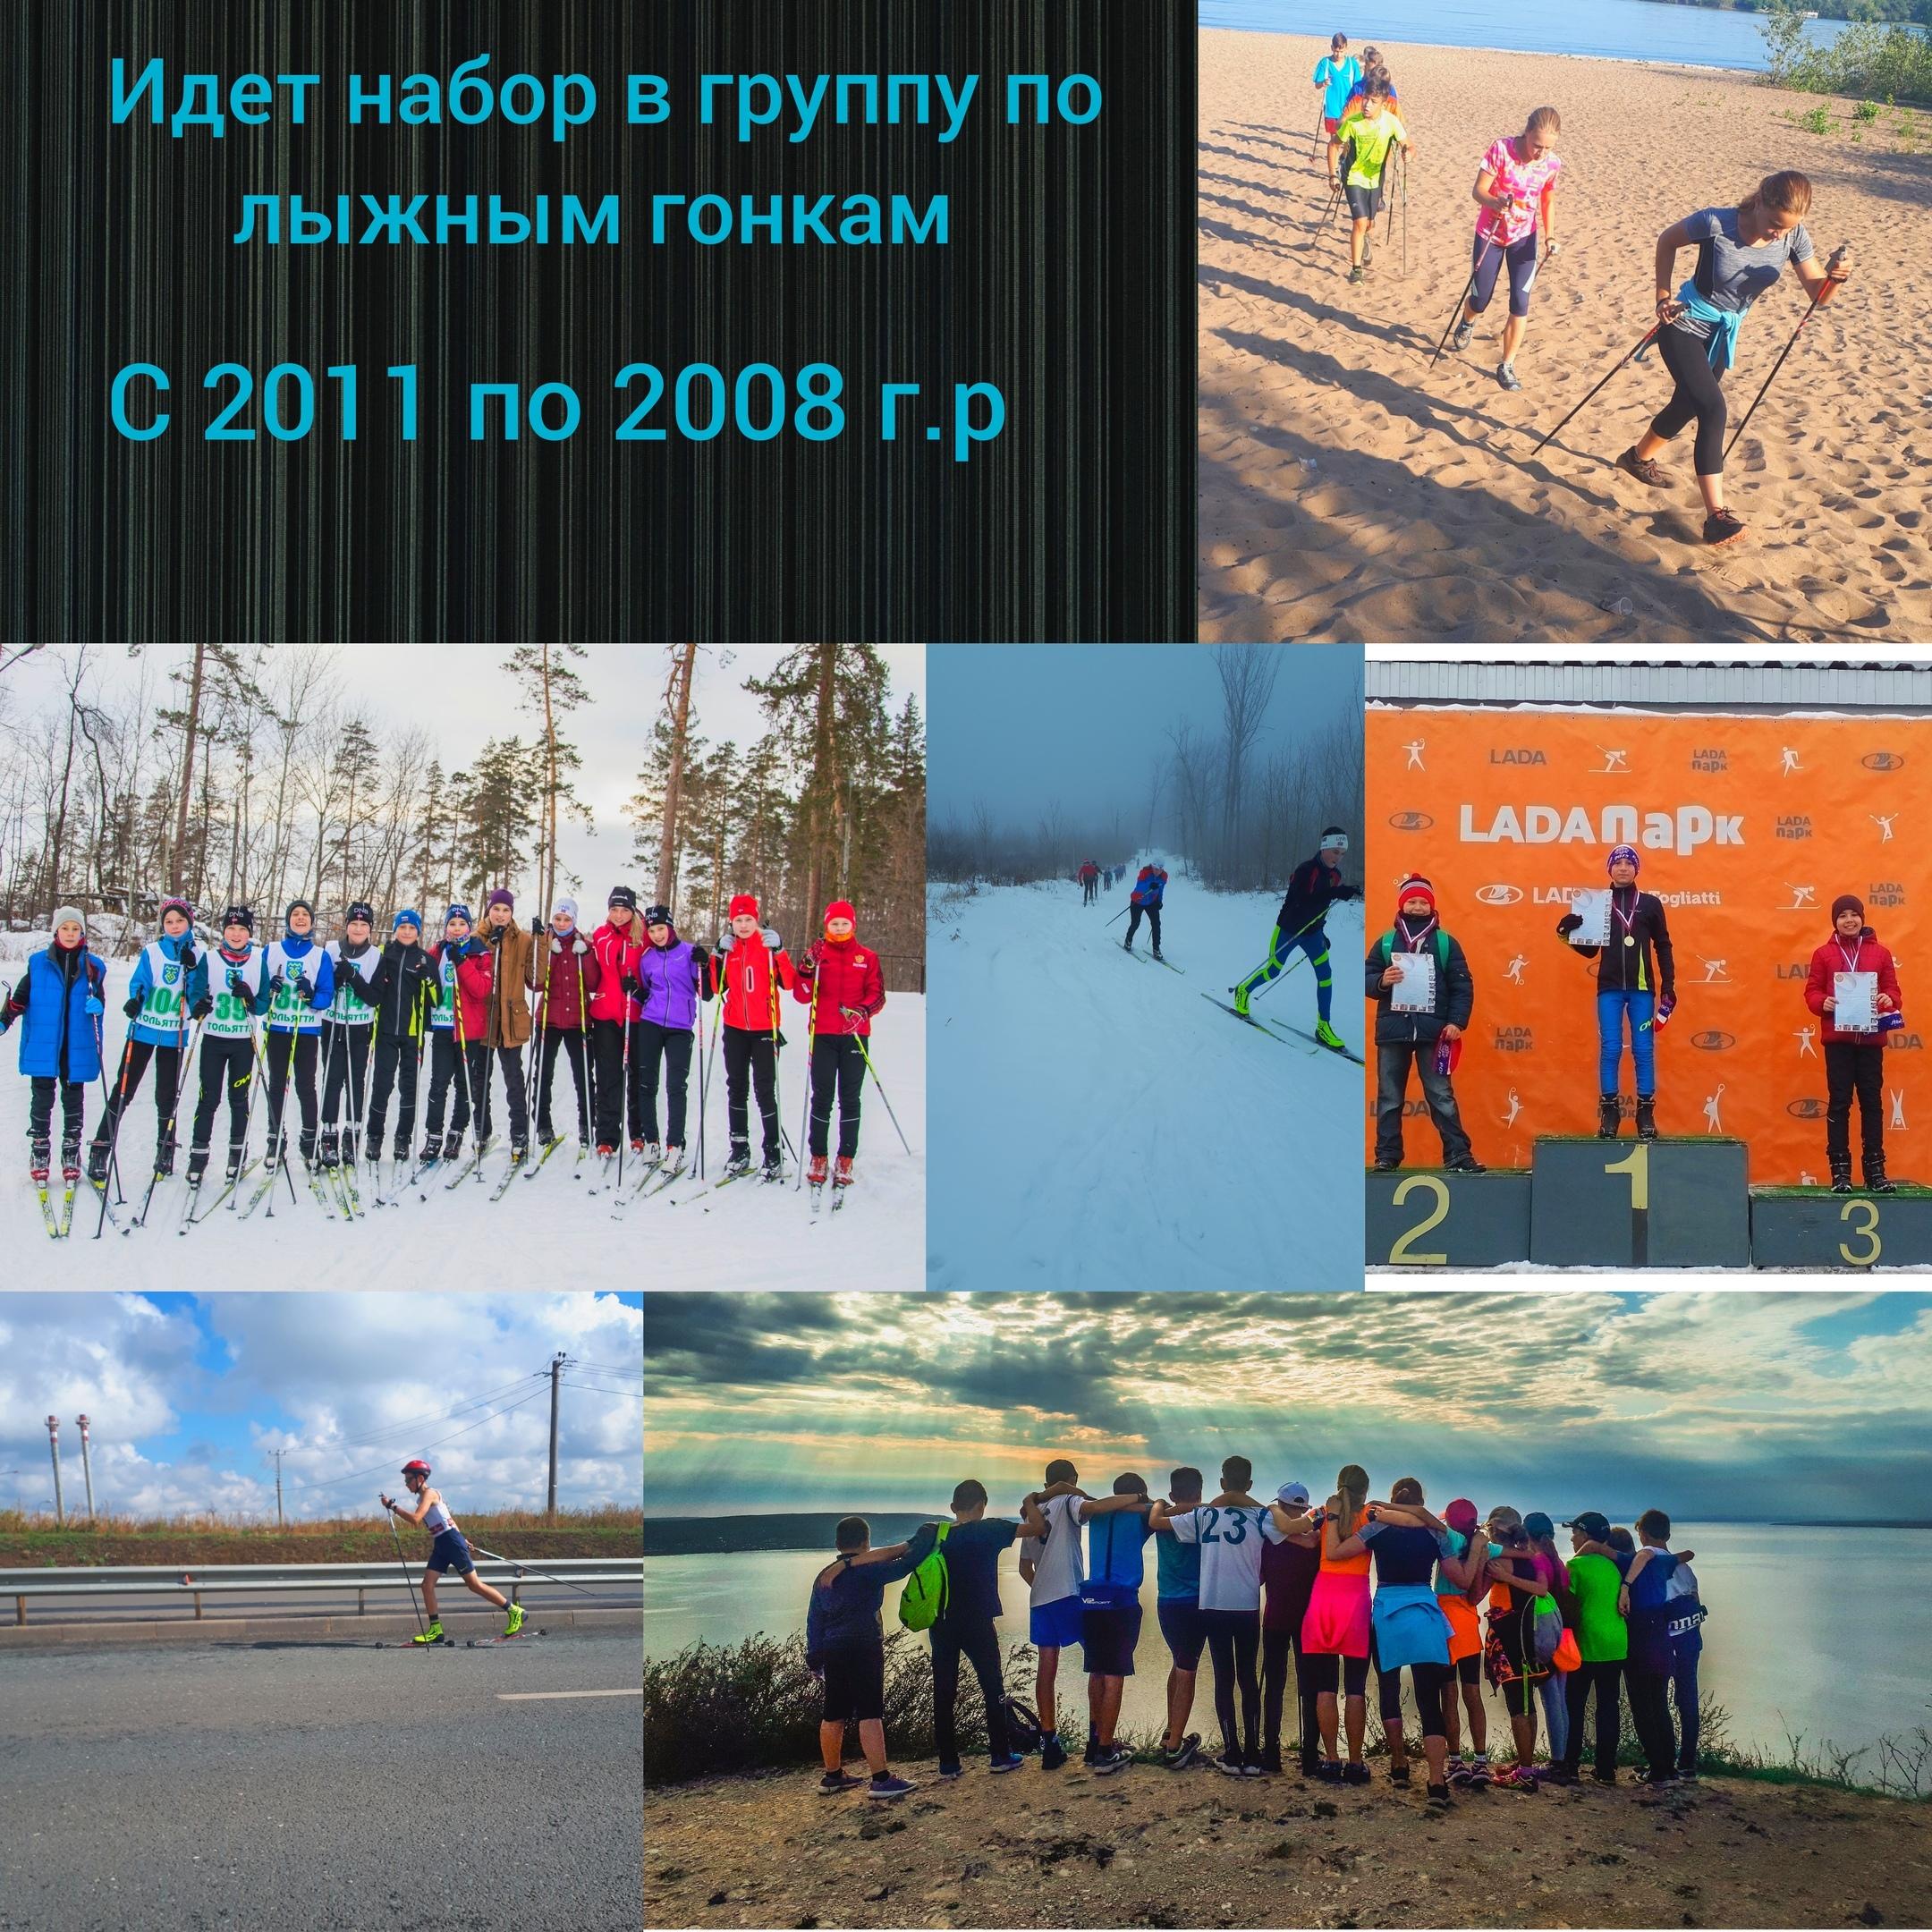 Набор в группу по лыжным гонкам